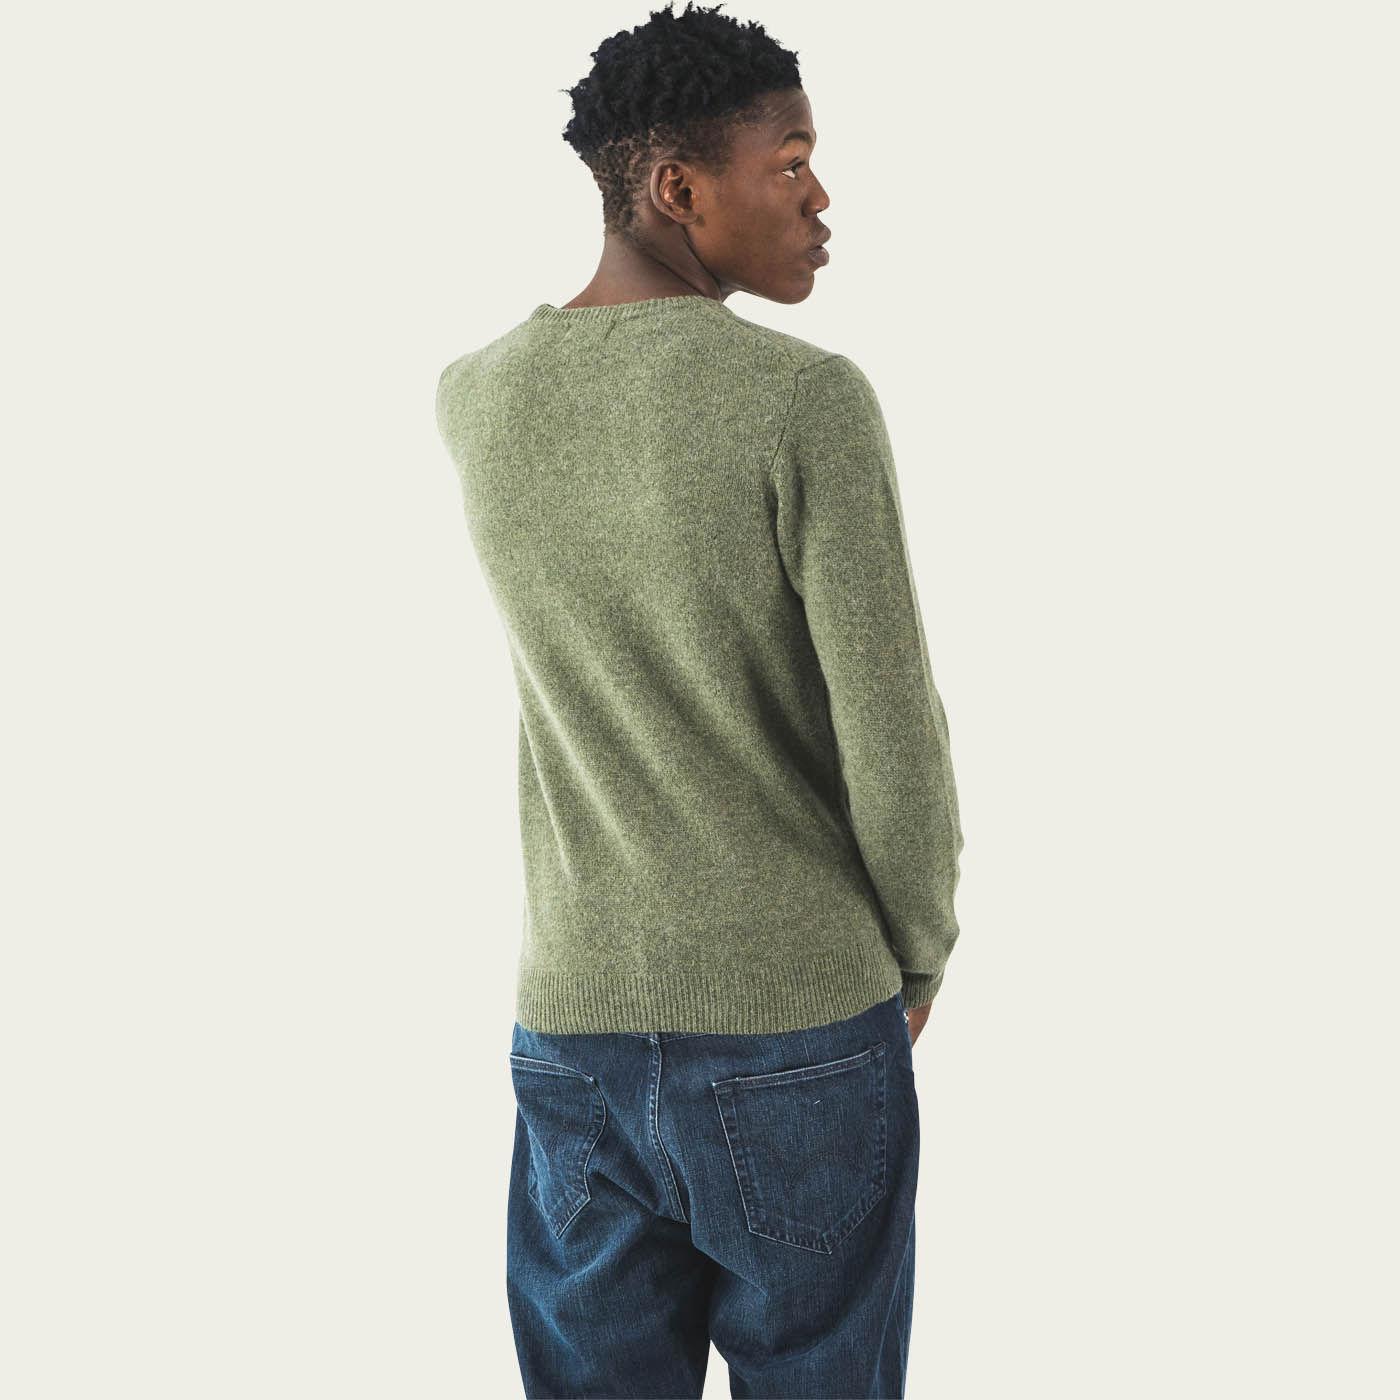 Khaki Murillo Knitwear  3